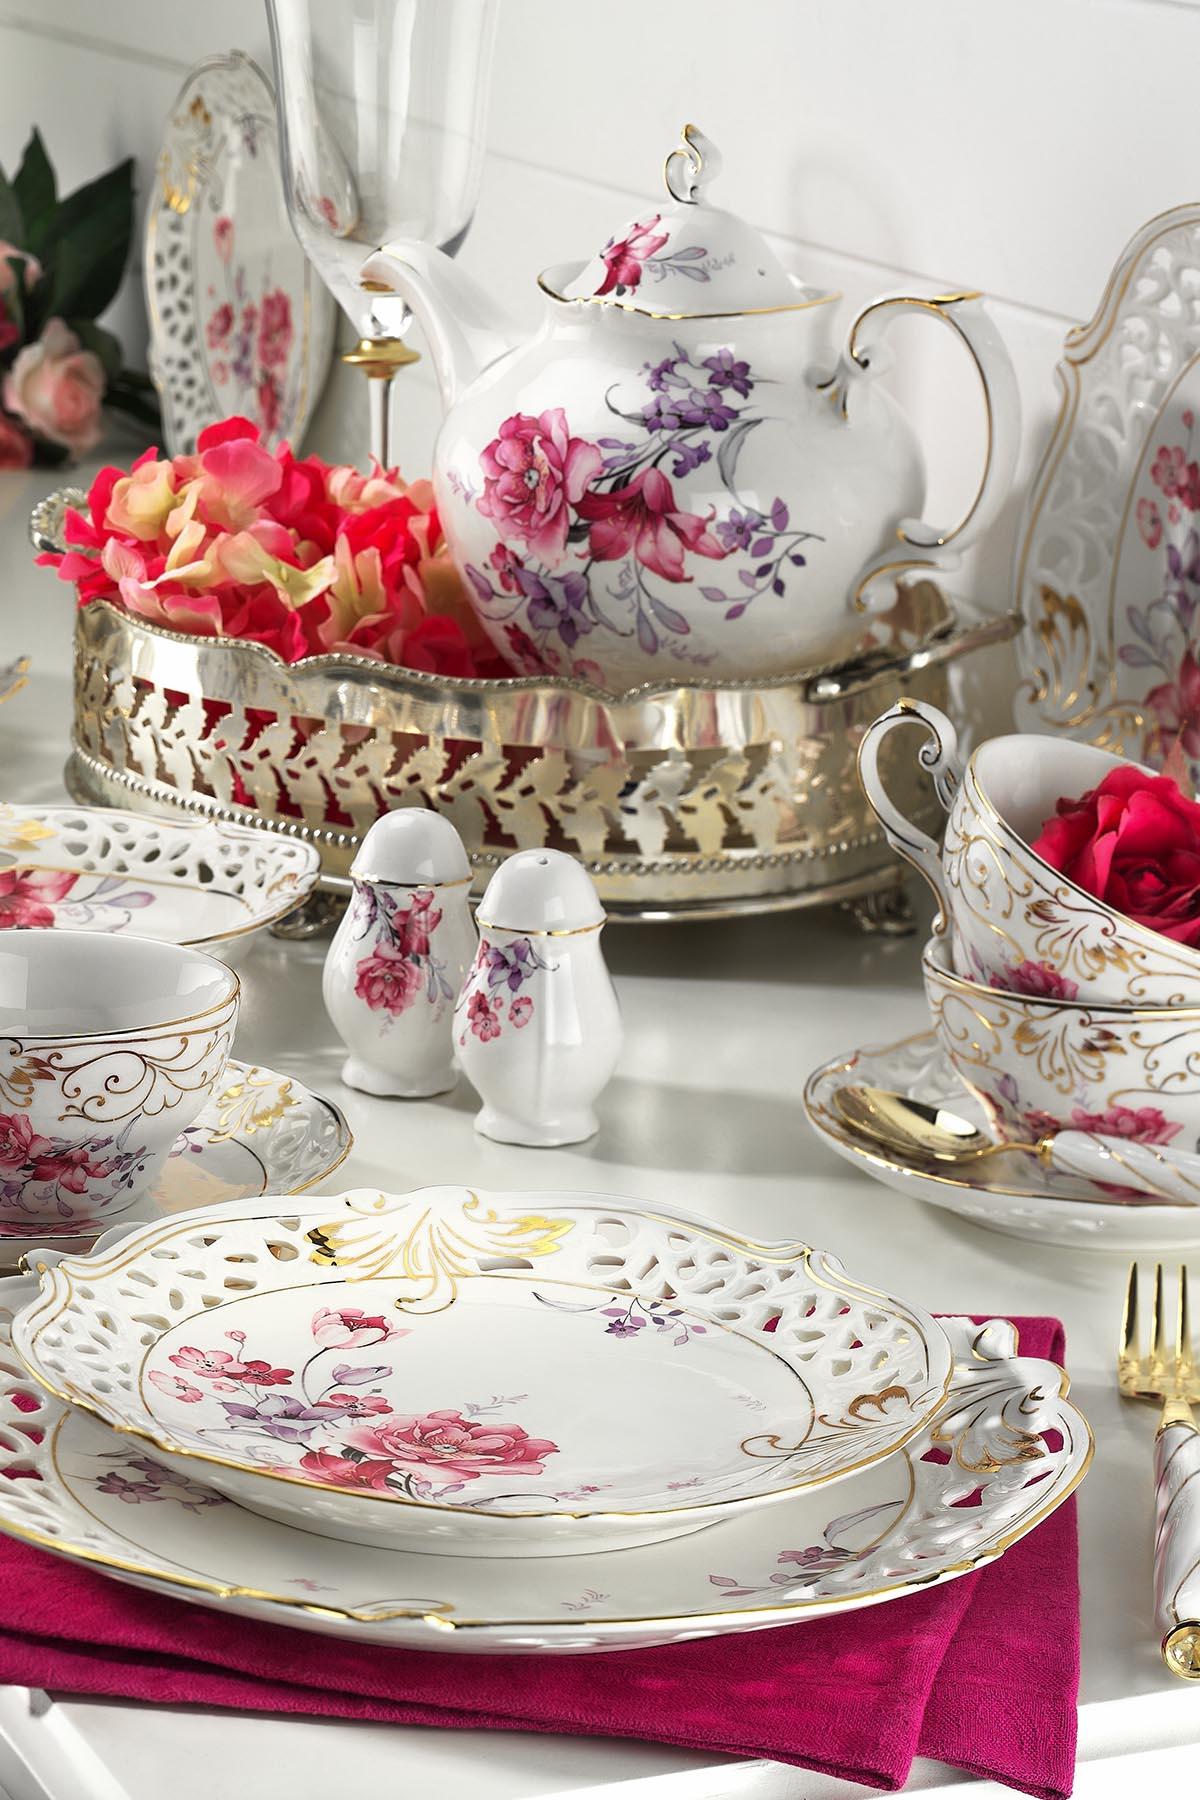 Kütahya Porselen - Kütahya Porselen Bone China 38 Parça 21101 Desen Kahvaltı Takımı